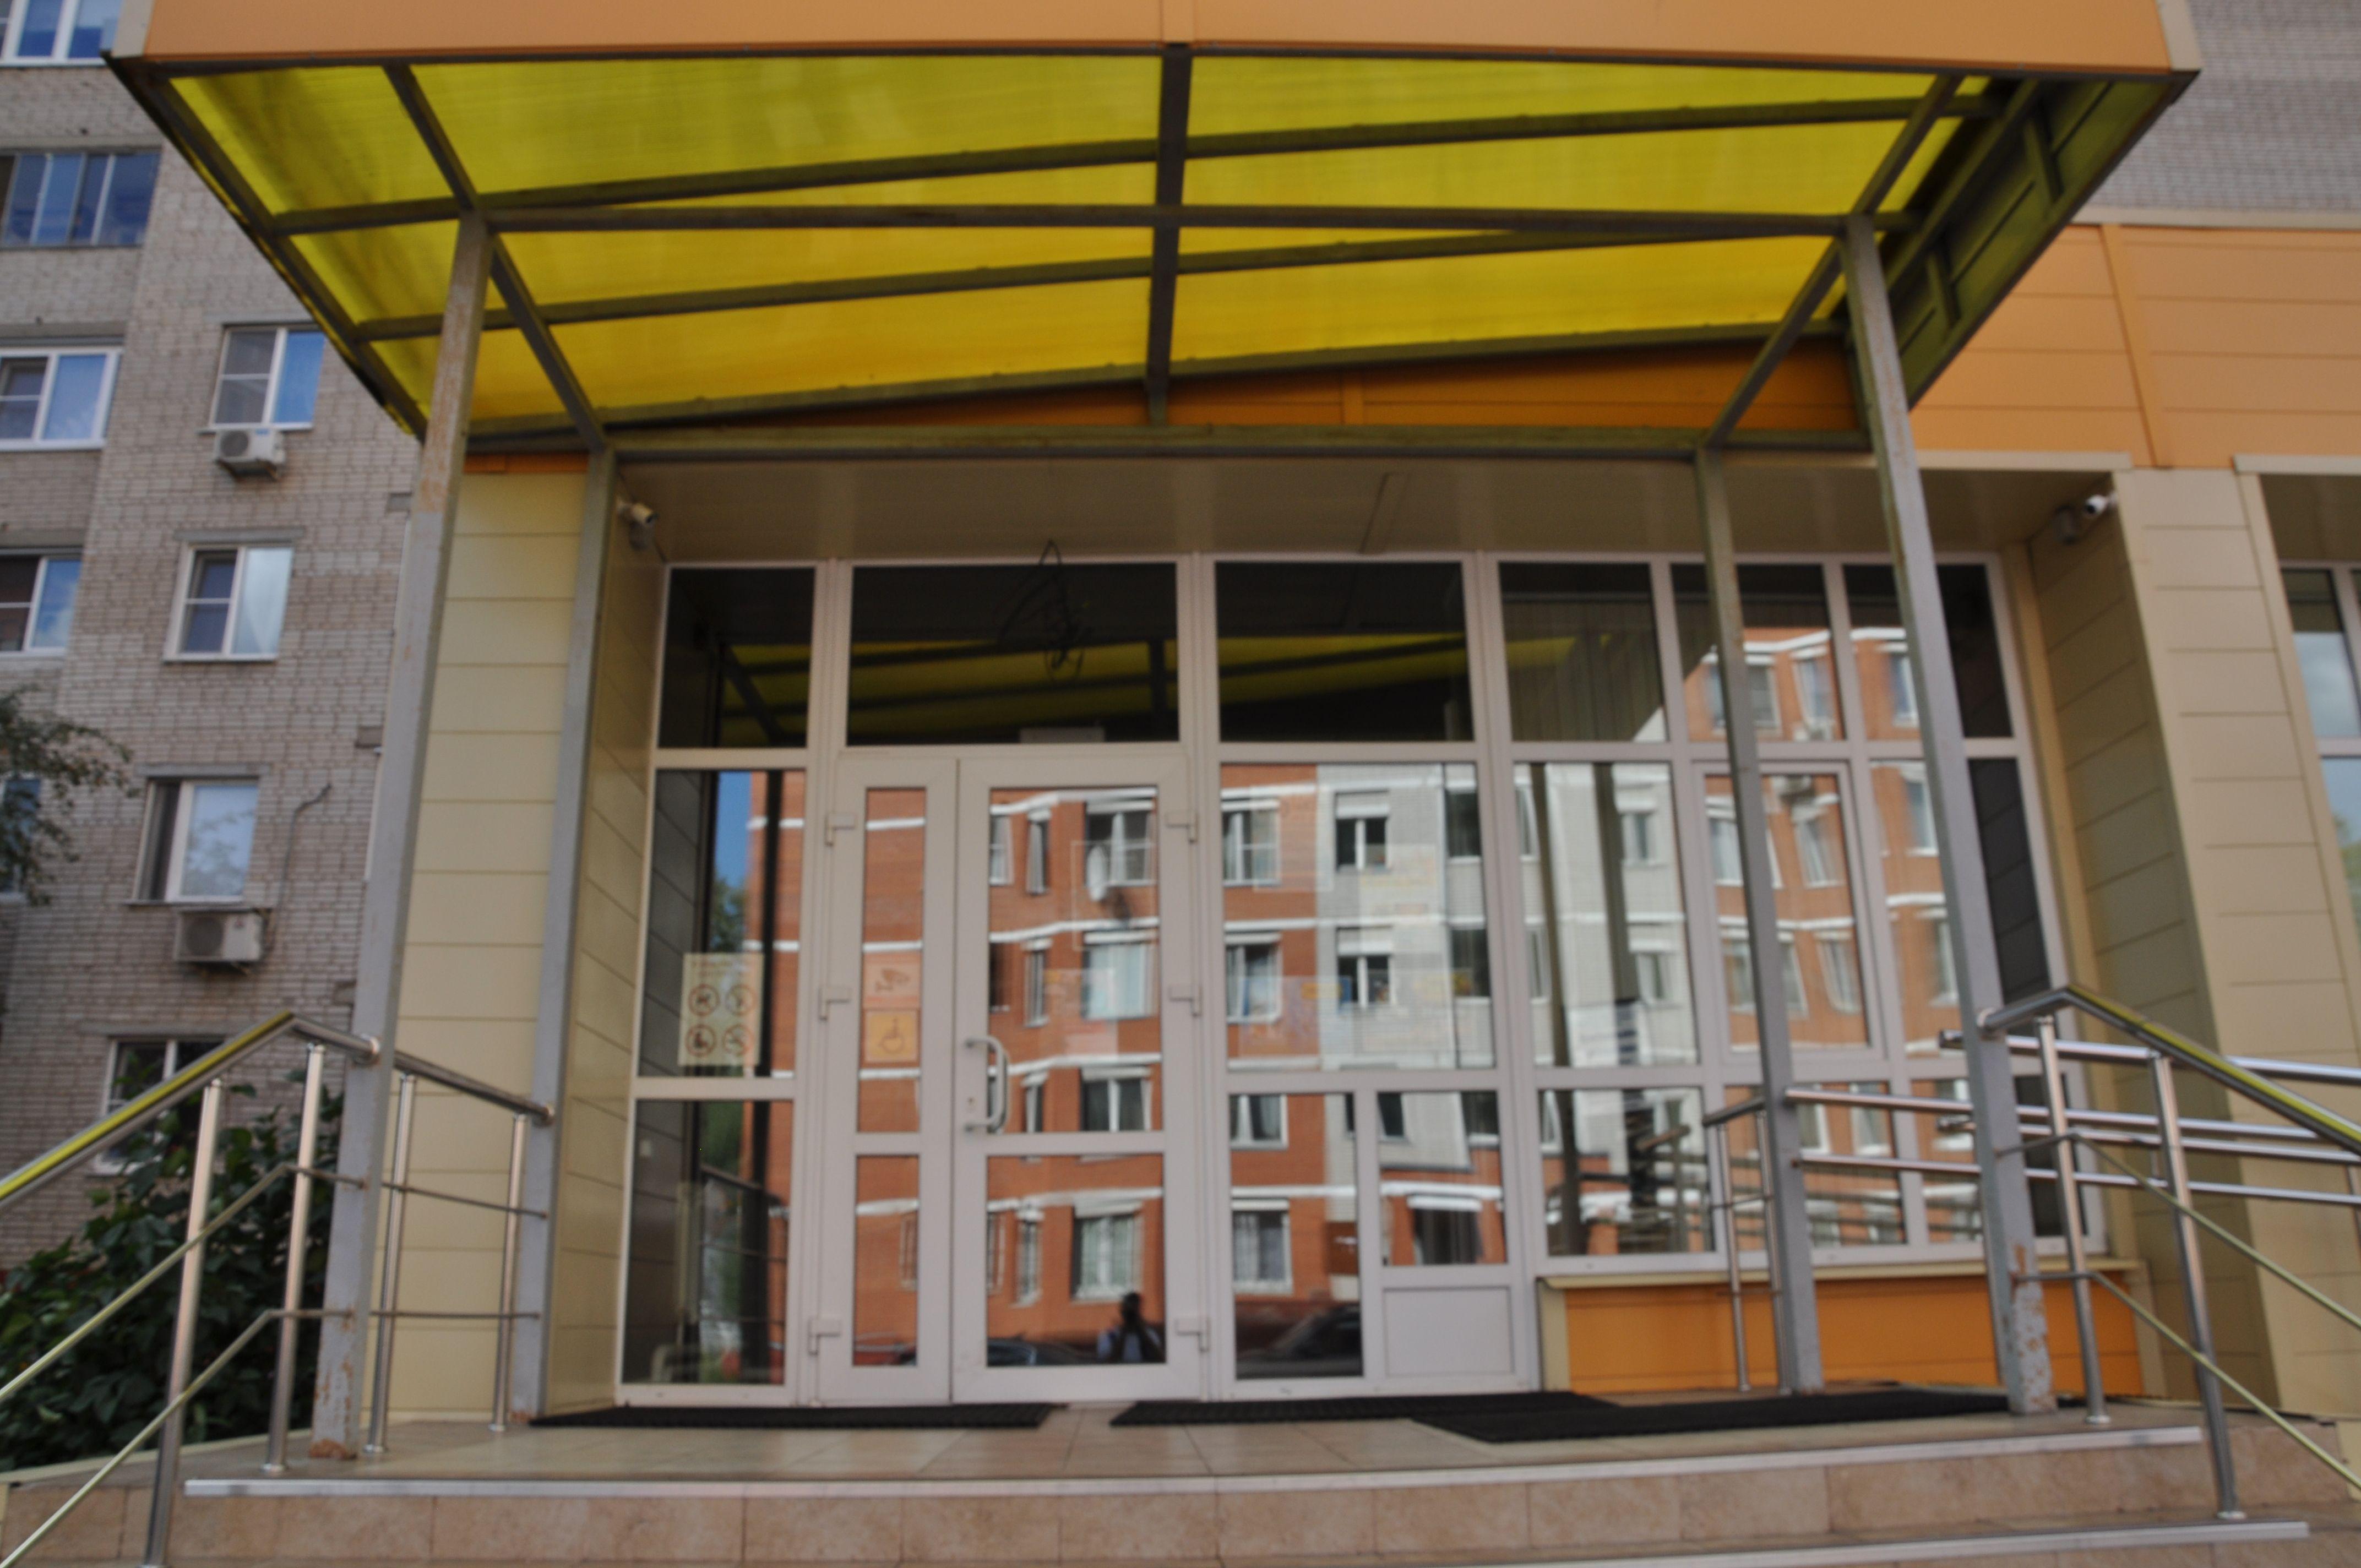 Сотрудники Центральной библиотеки Щербинки представили выставку о Петре I